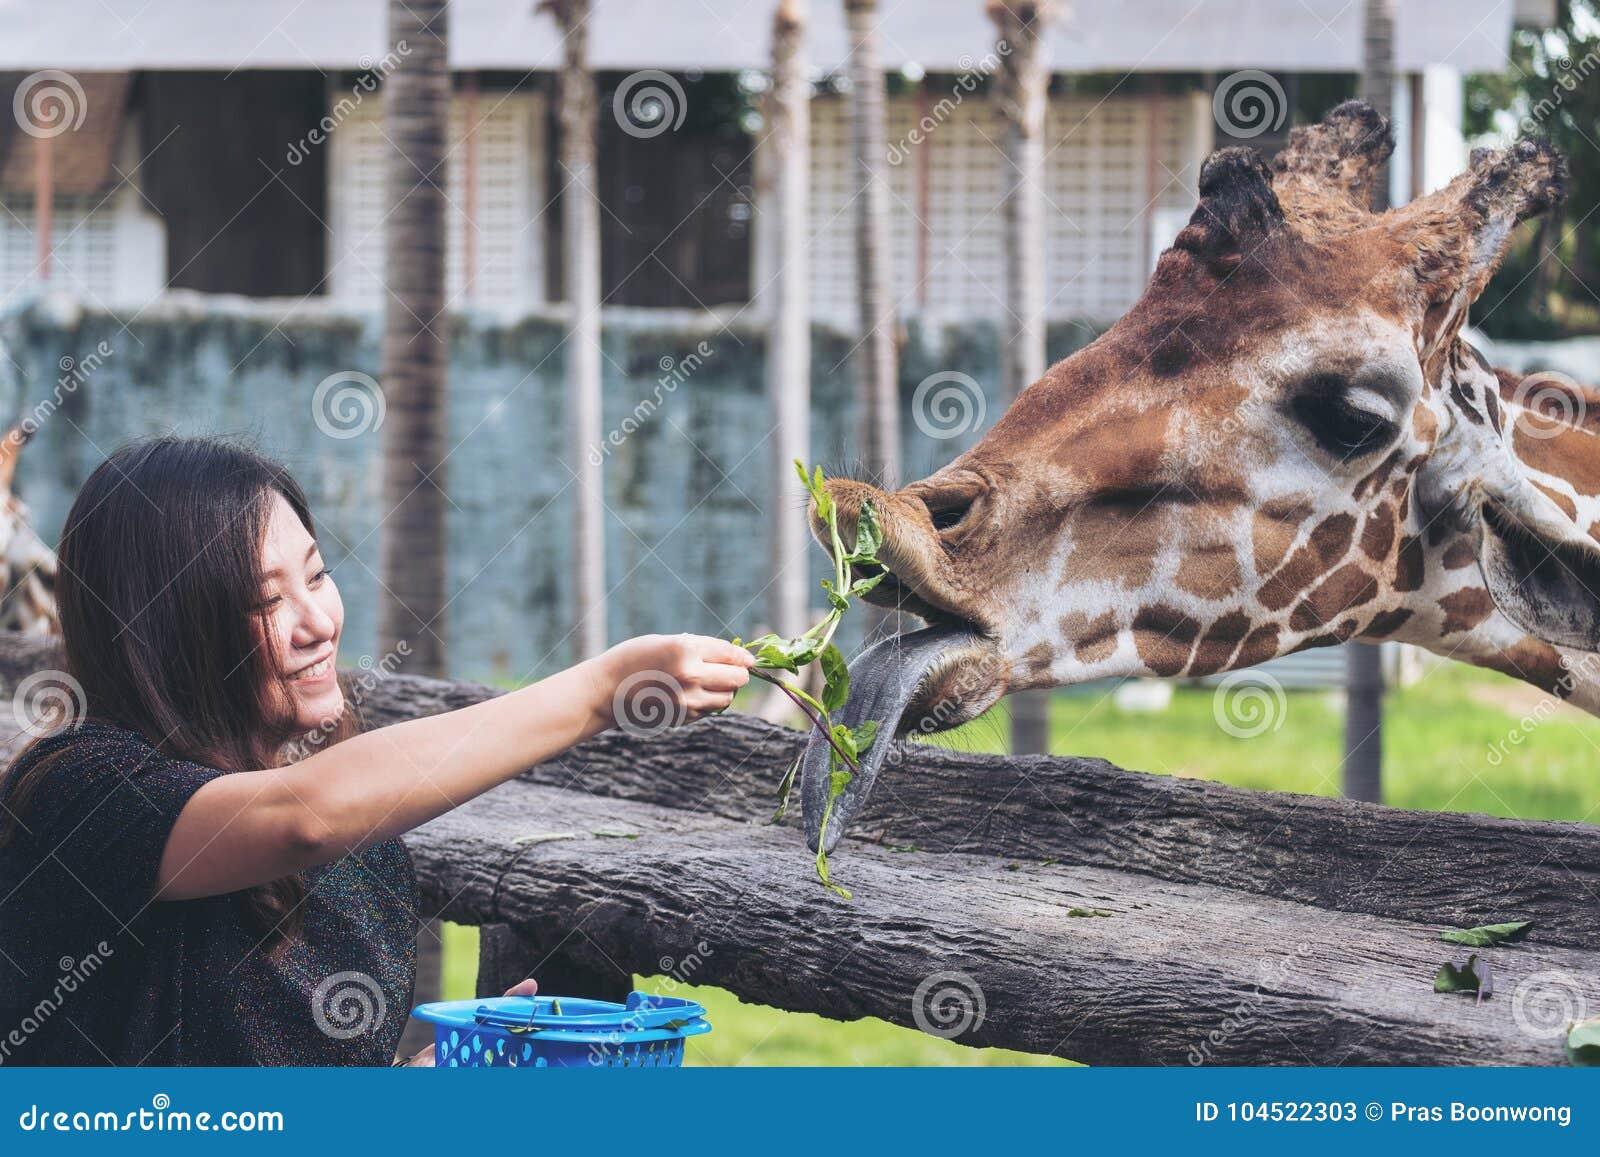 喂养新鲜蔬菜的一名亚裔妇女对小长颈鹿